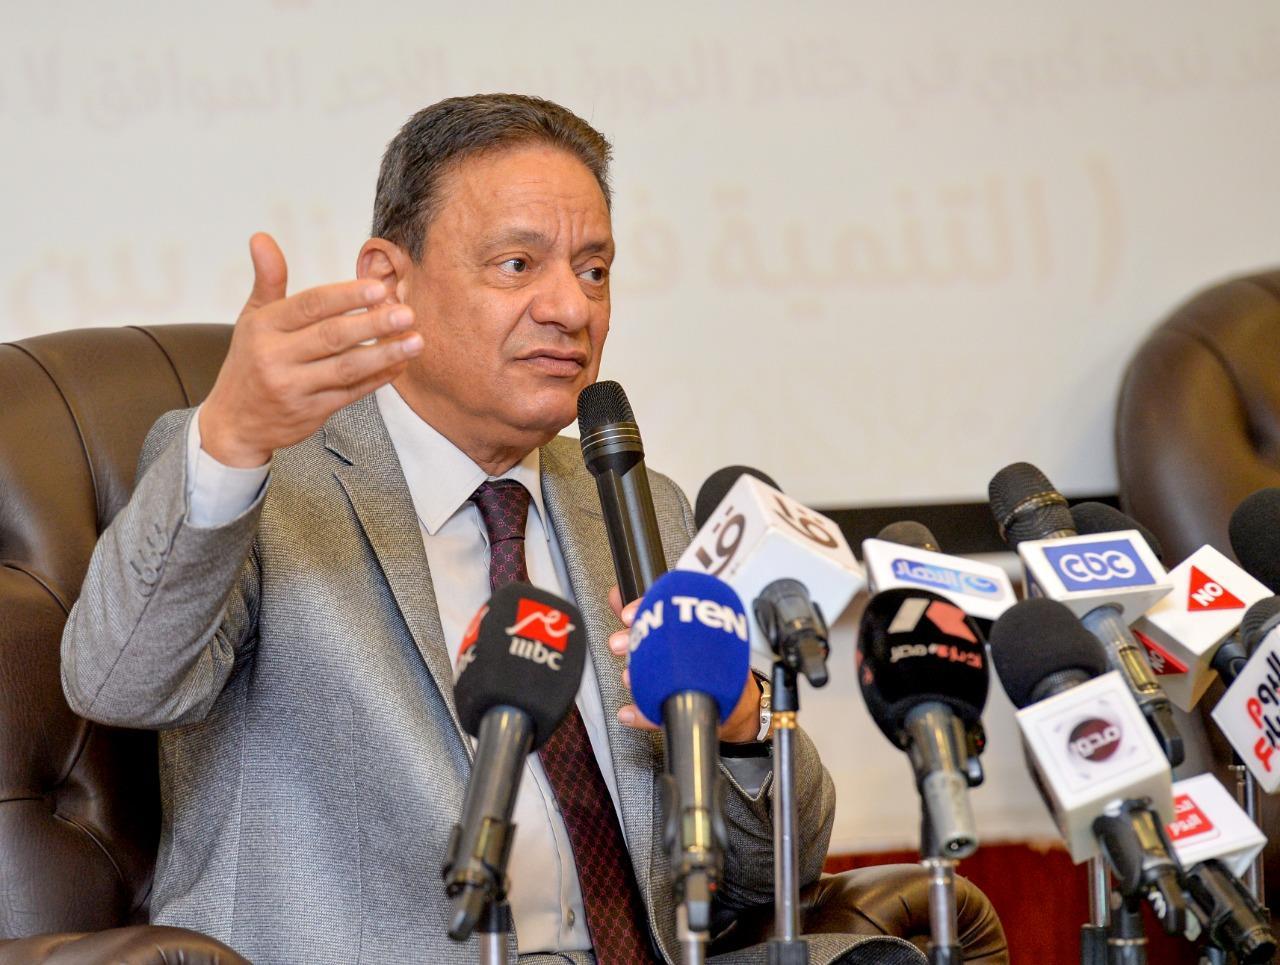 صور| جبر: مصر تقف على أرض صلبة وعلينا الاصطفاف حول القيادة السياسية